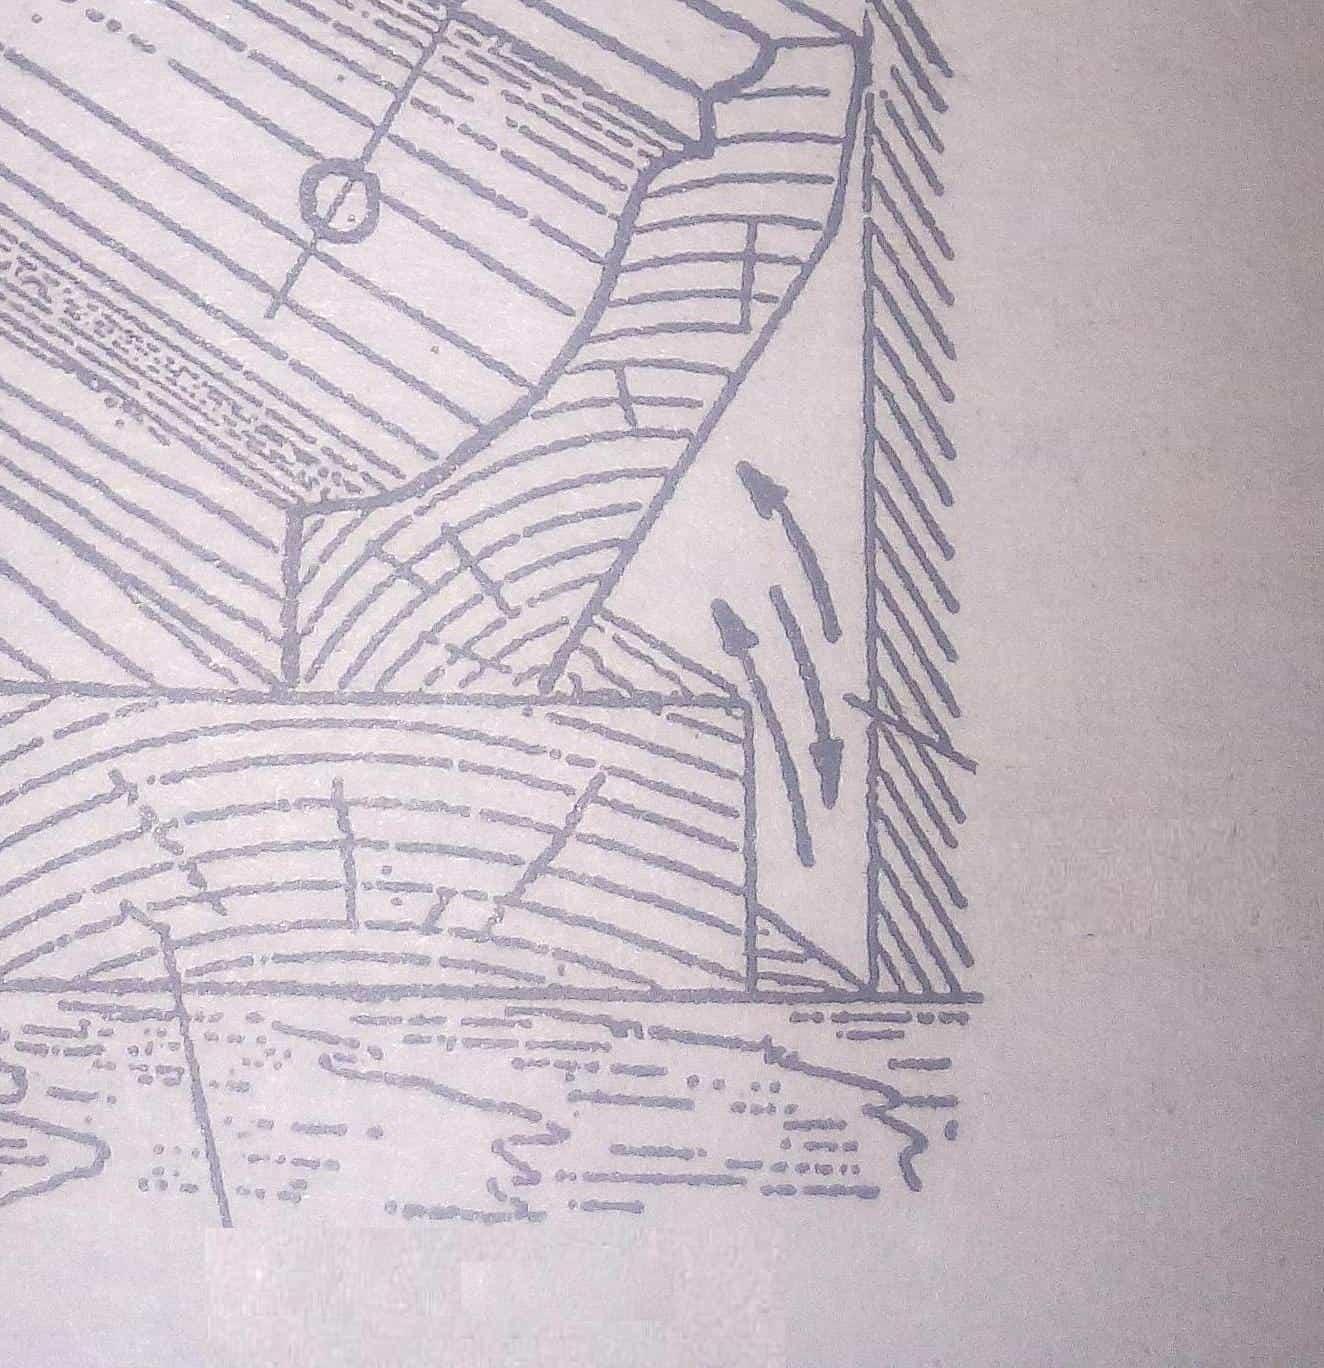 зазор между стенкой и досками пола, закрытый плинтусом